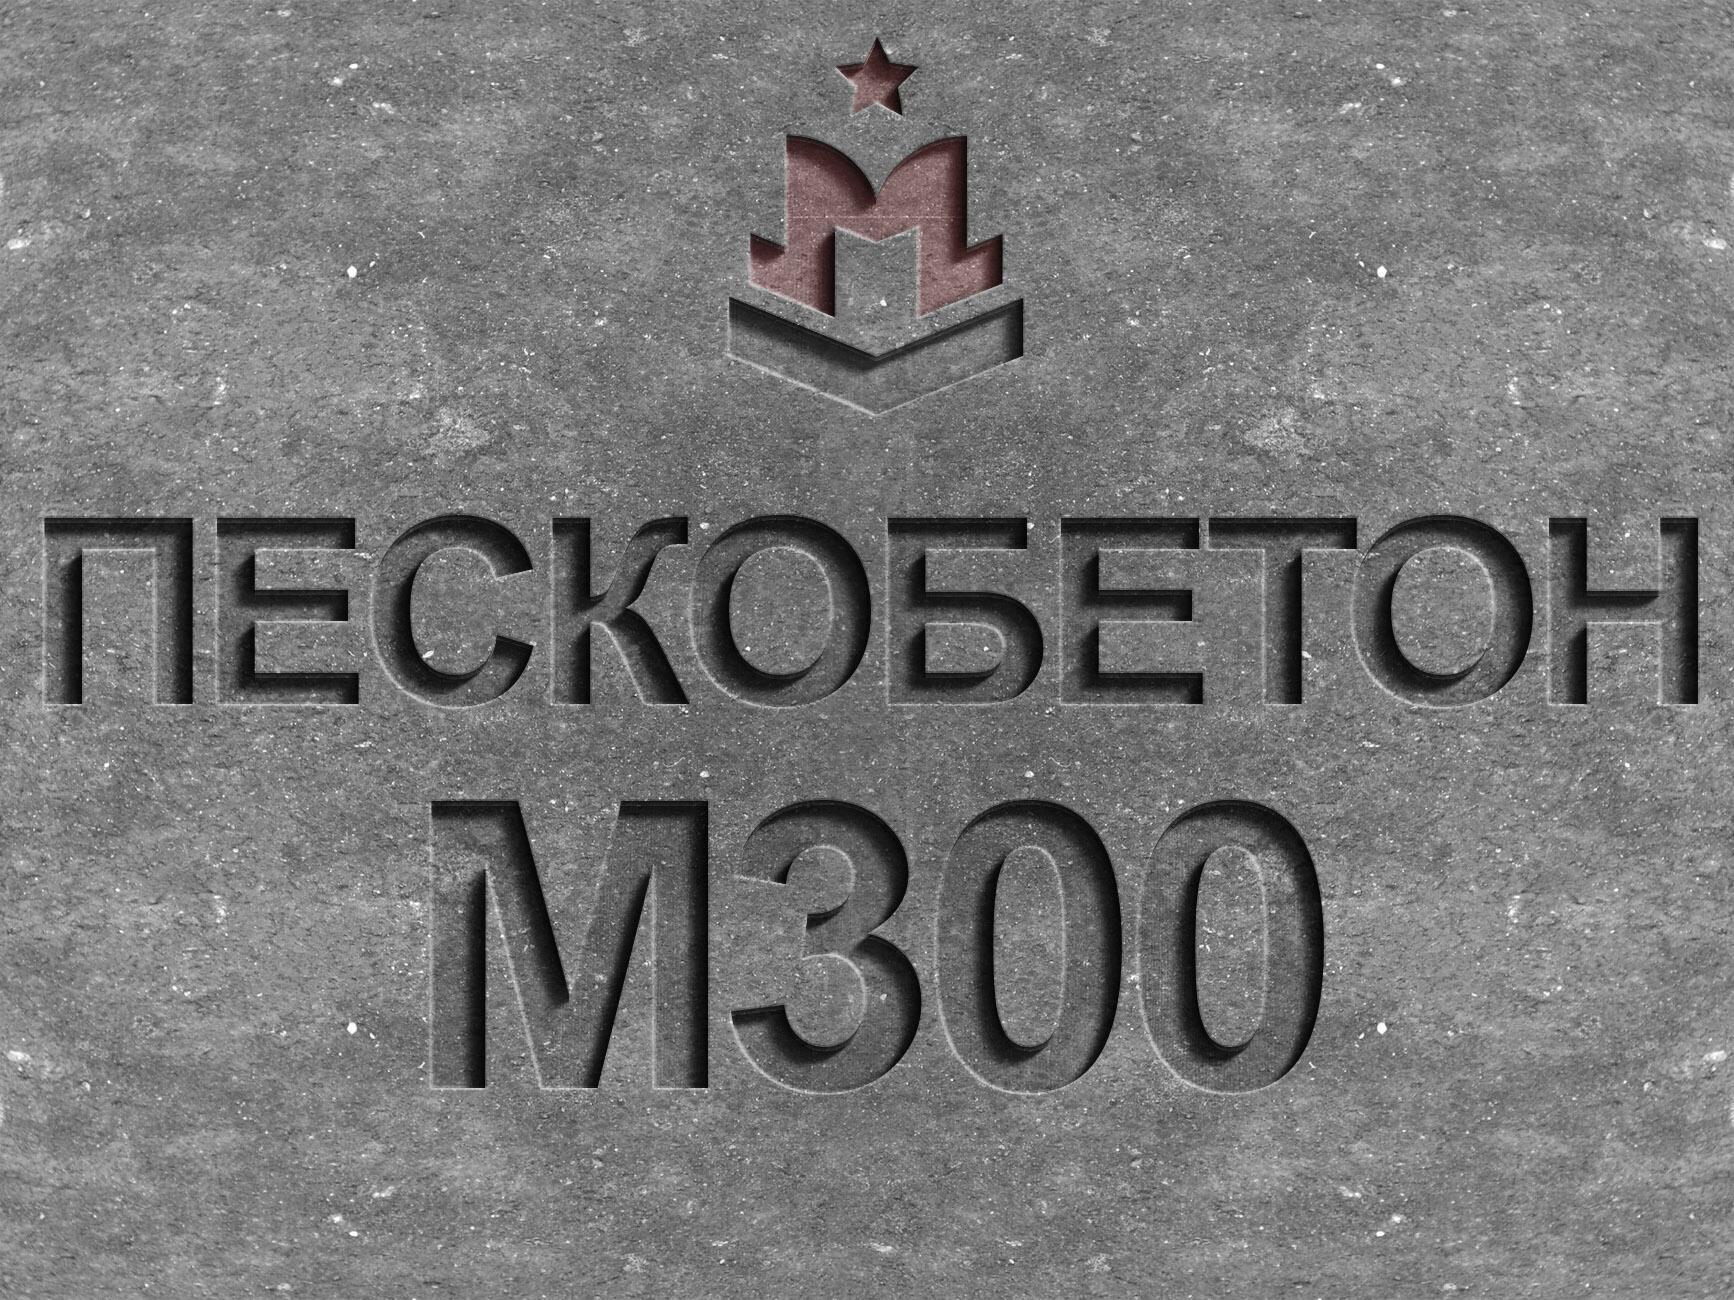 купить бетон м300 в мешках